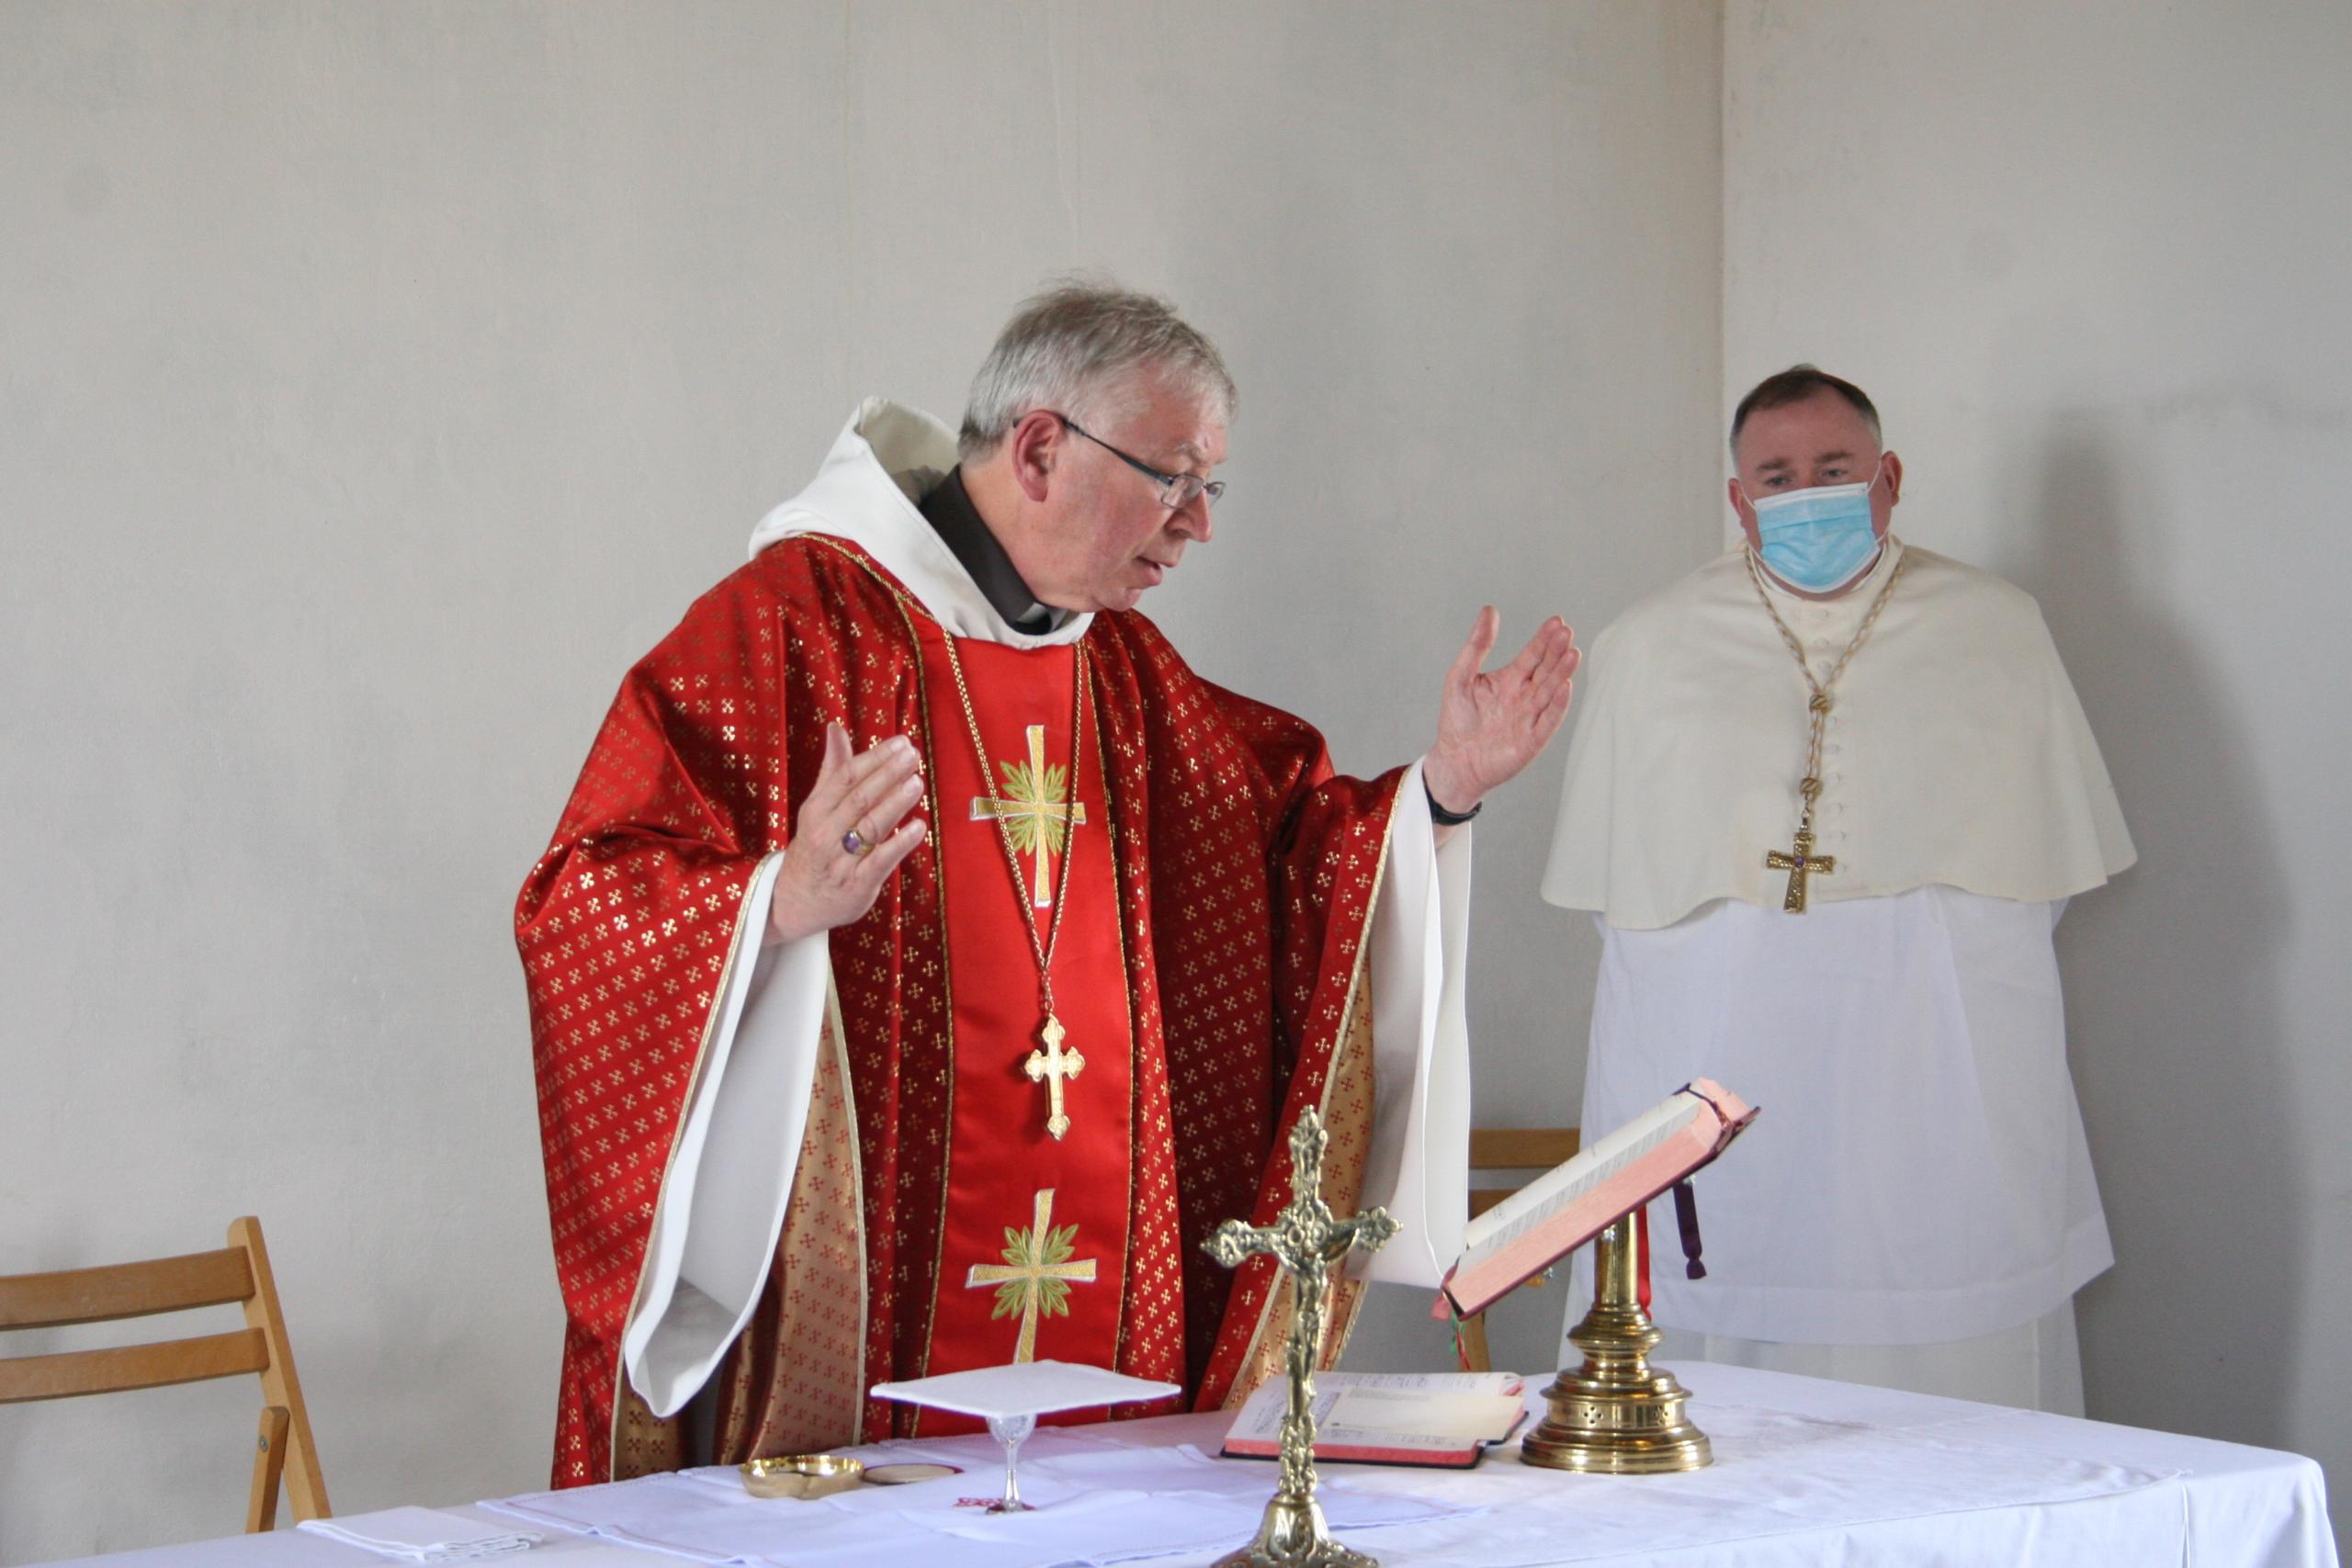 Abbot saying Mass